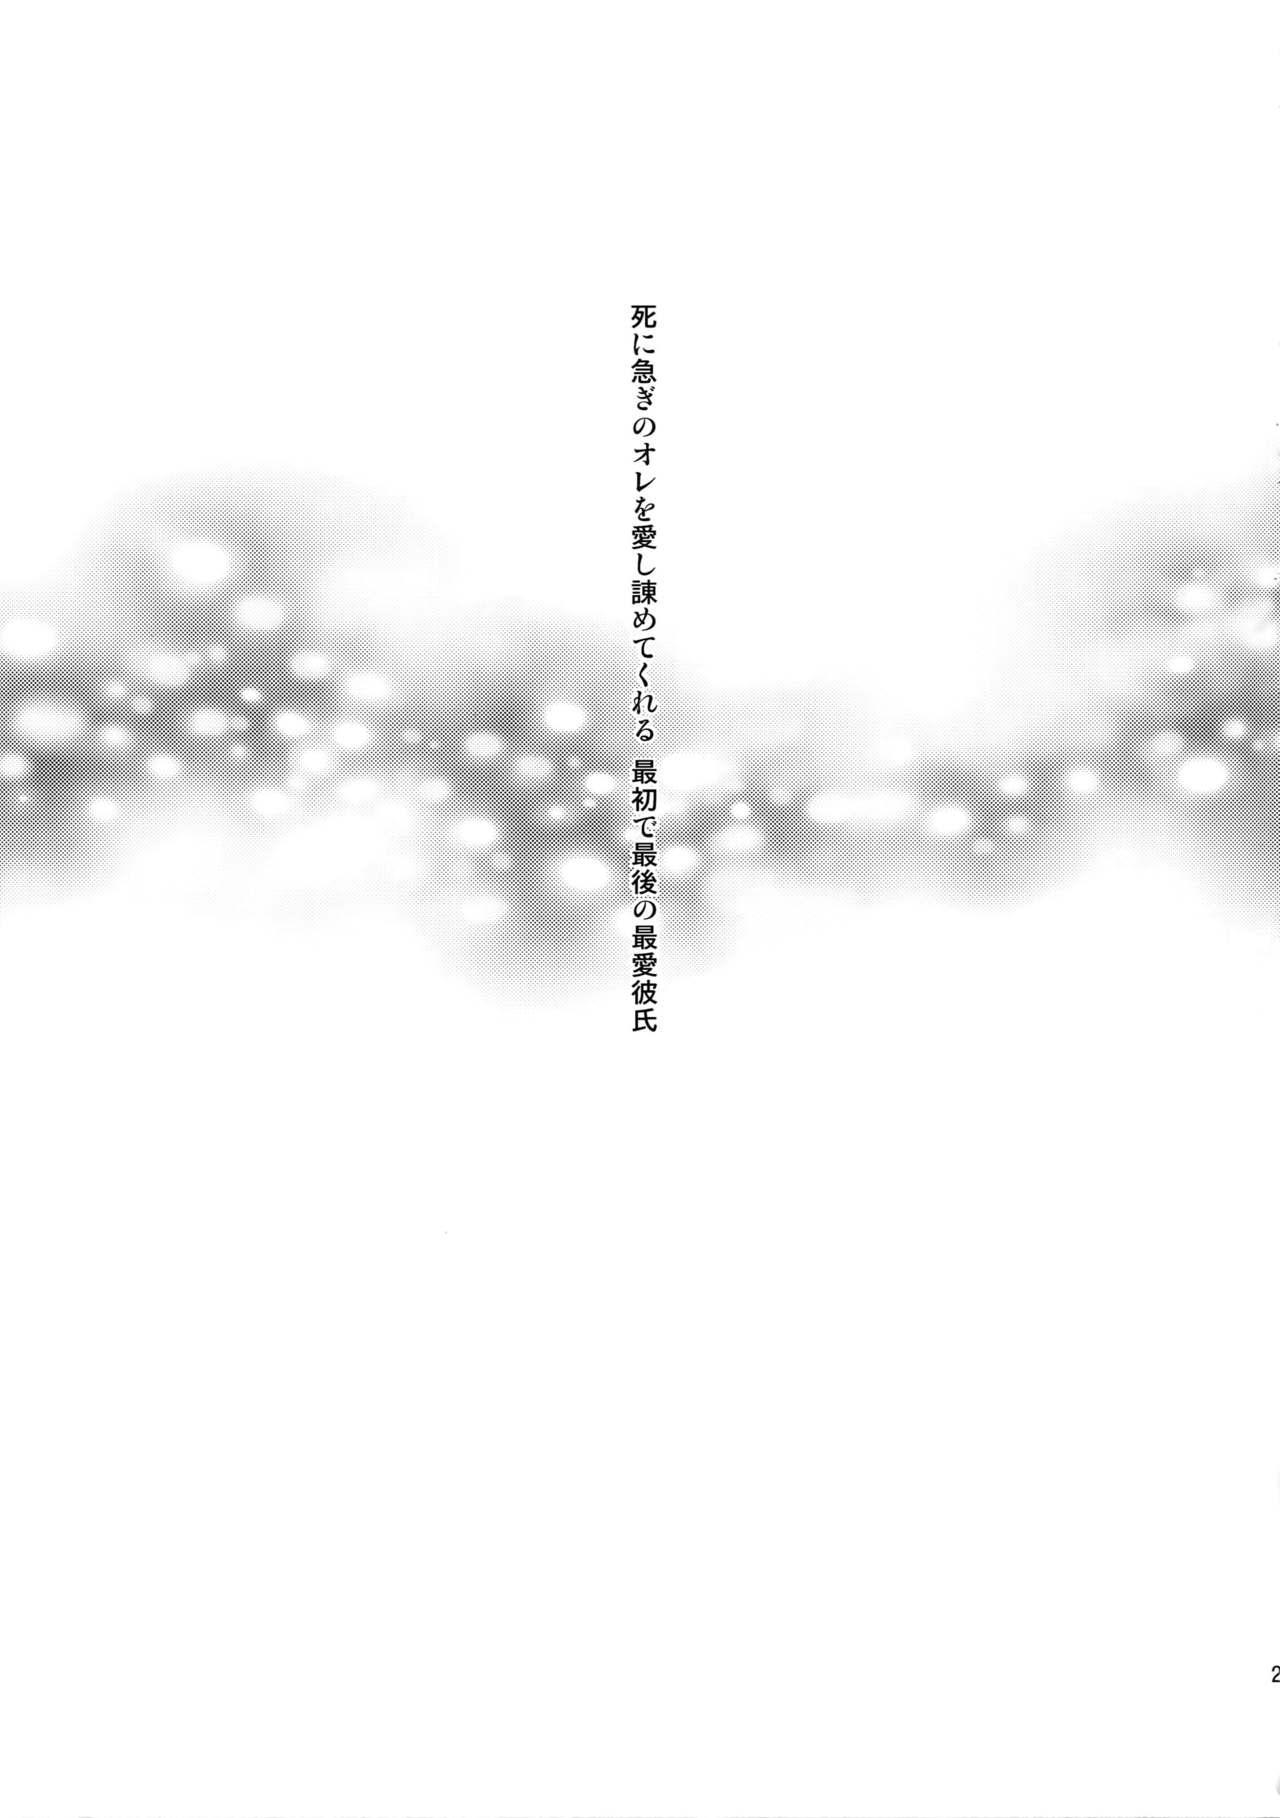 Koi no Yamai wa Oisha-sama demo Kusatsu no Yudemo 19